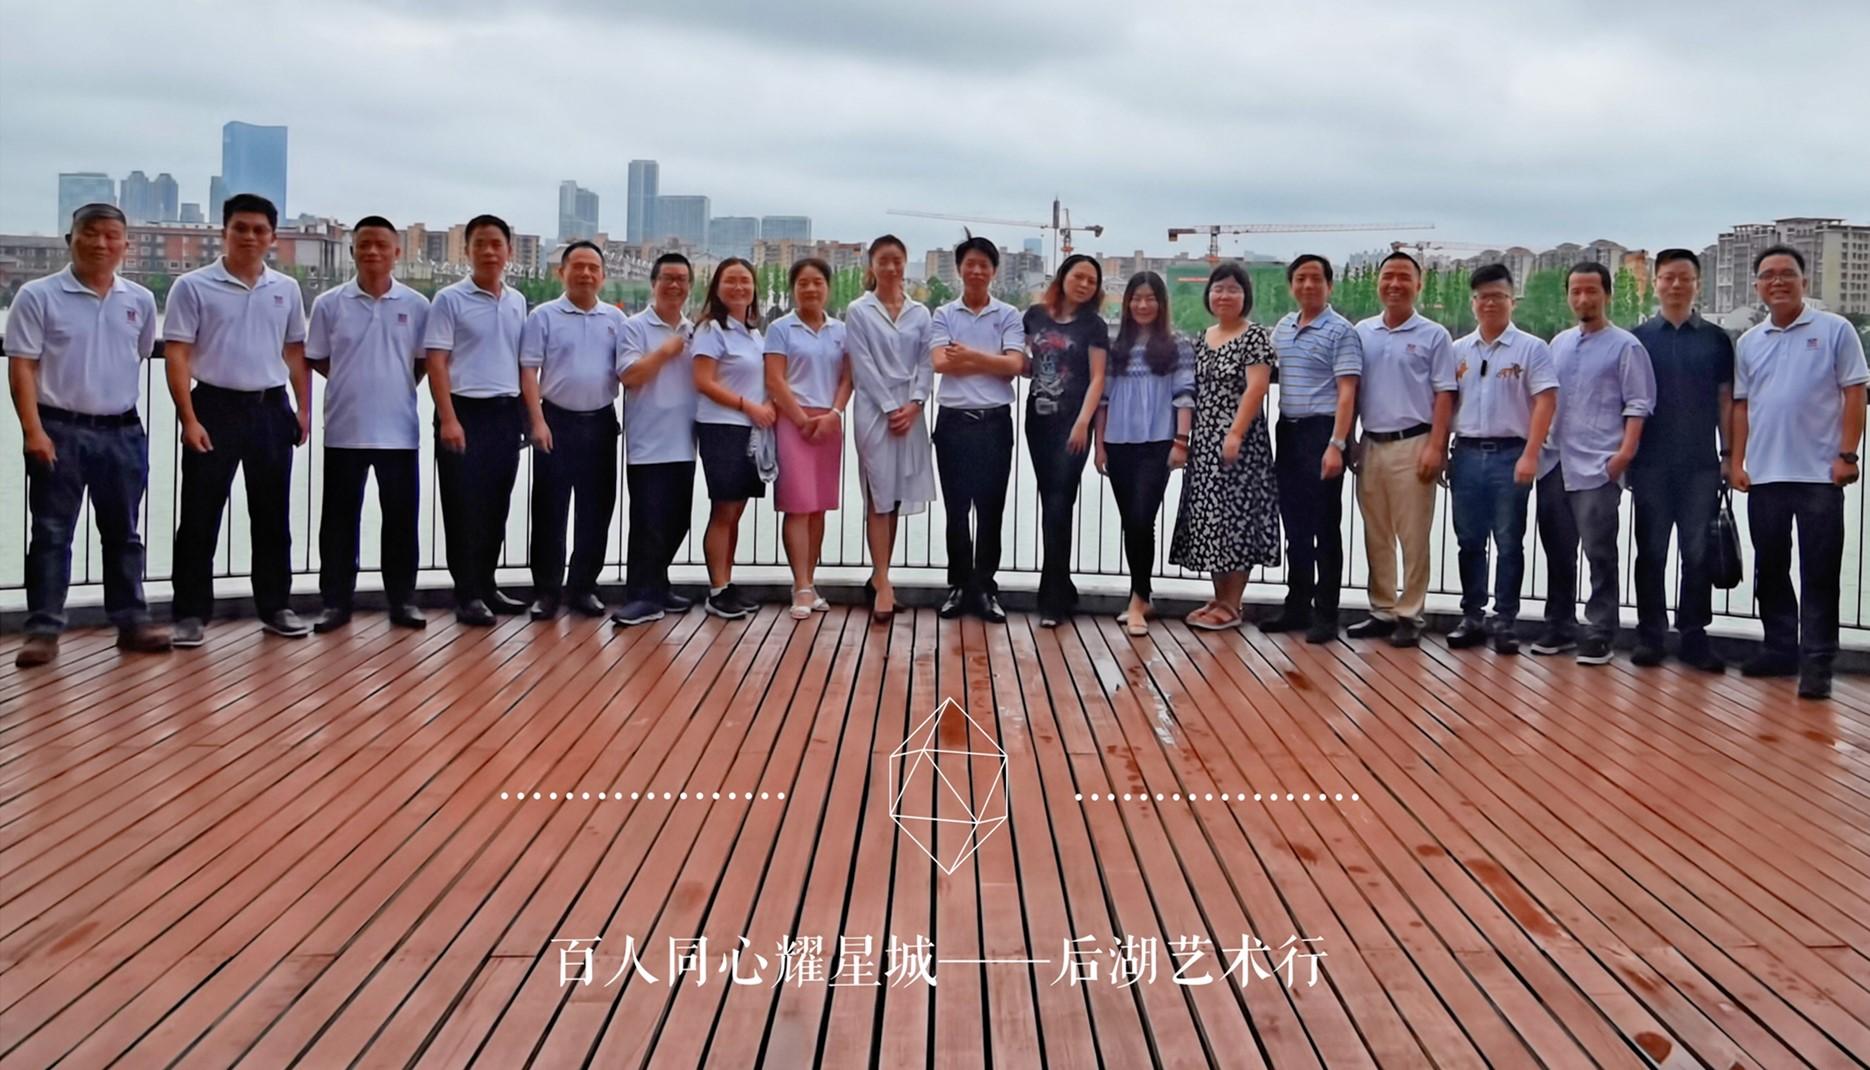 2020年6月上旬,百人会参观后湖艺术区,体验中国书画艺术